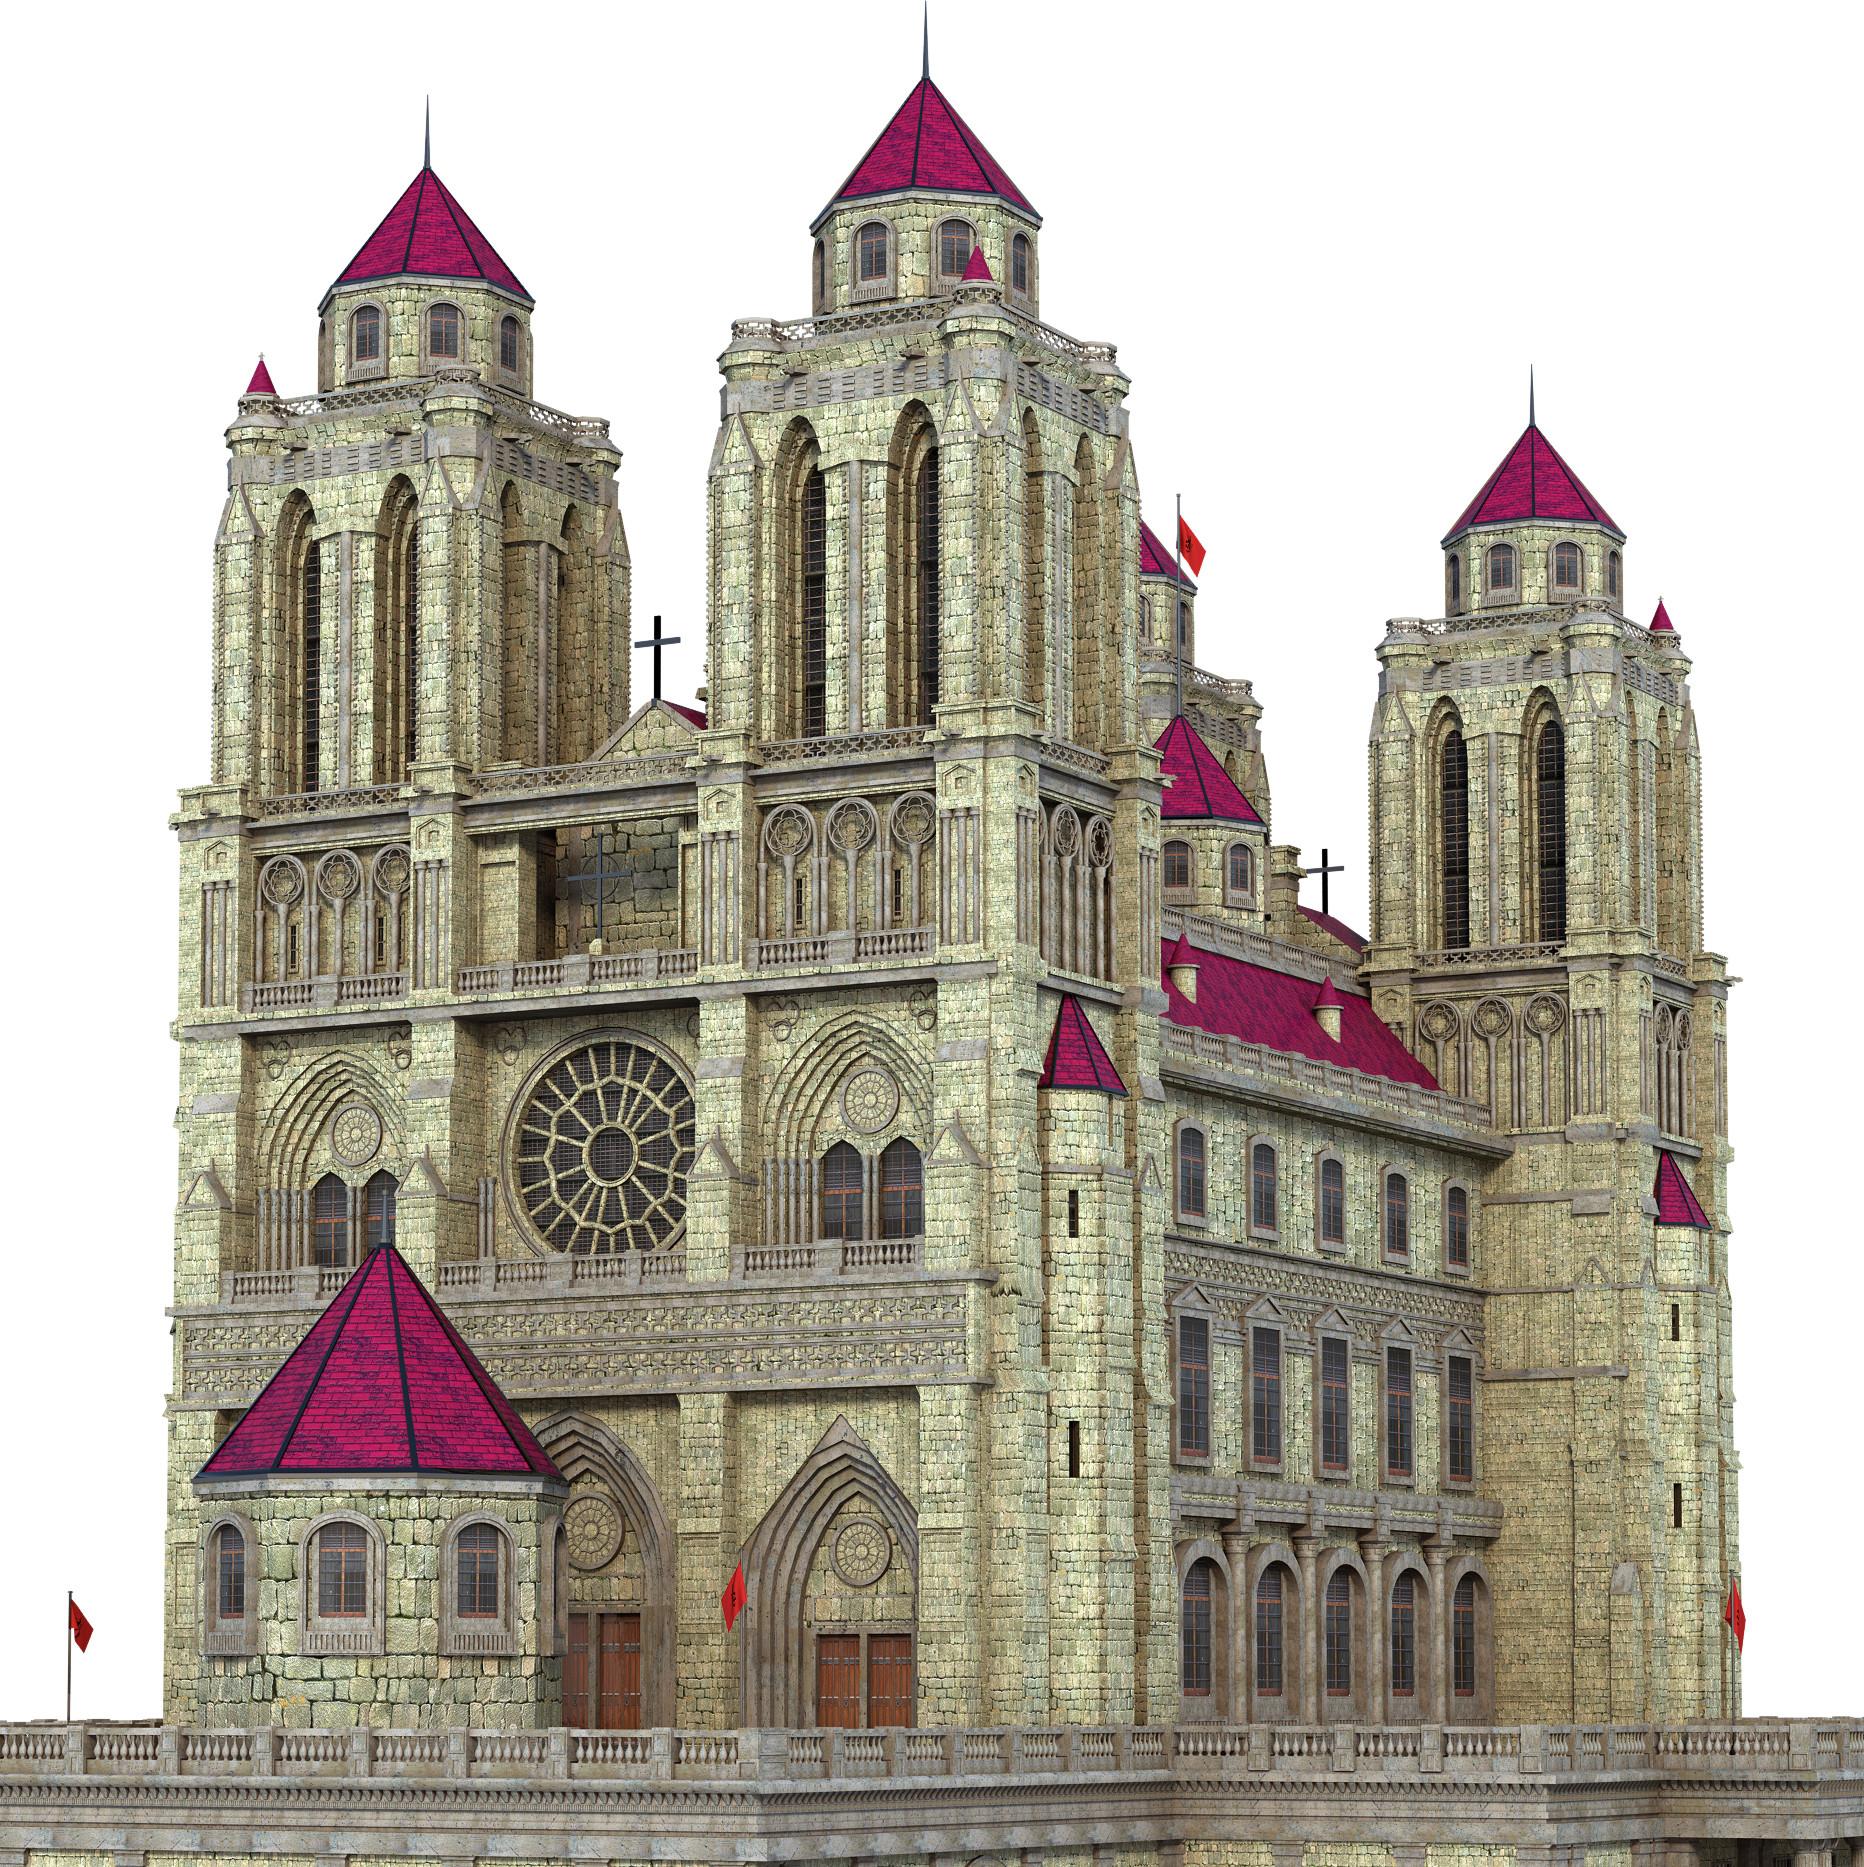 Marc mons castle18